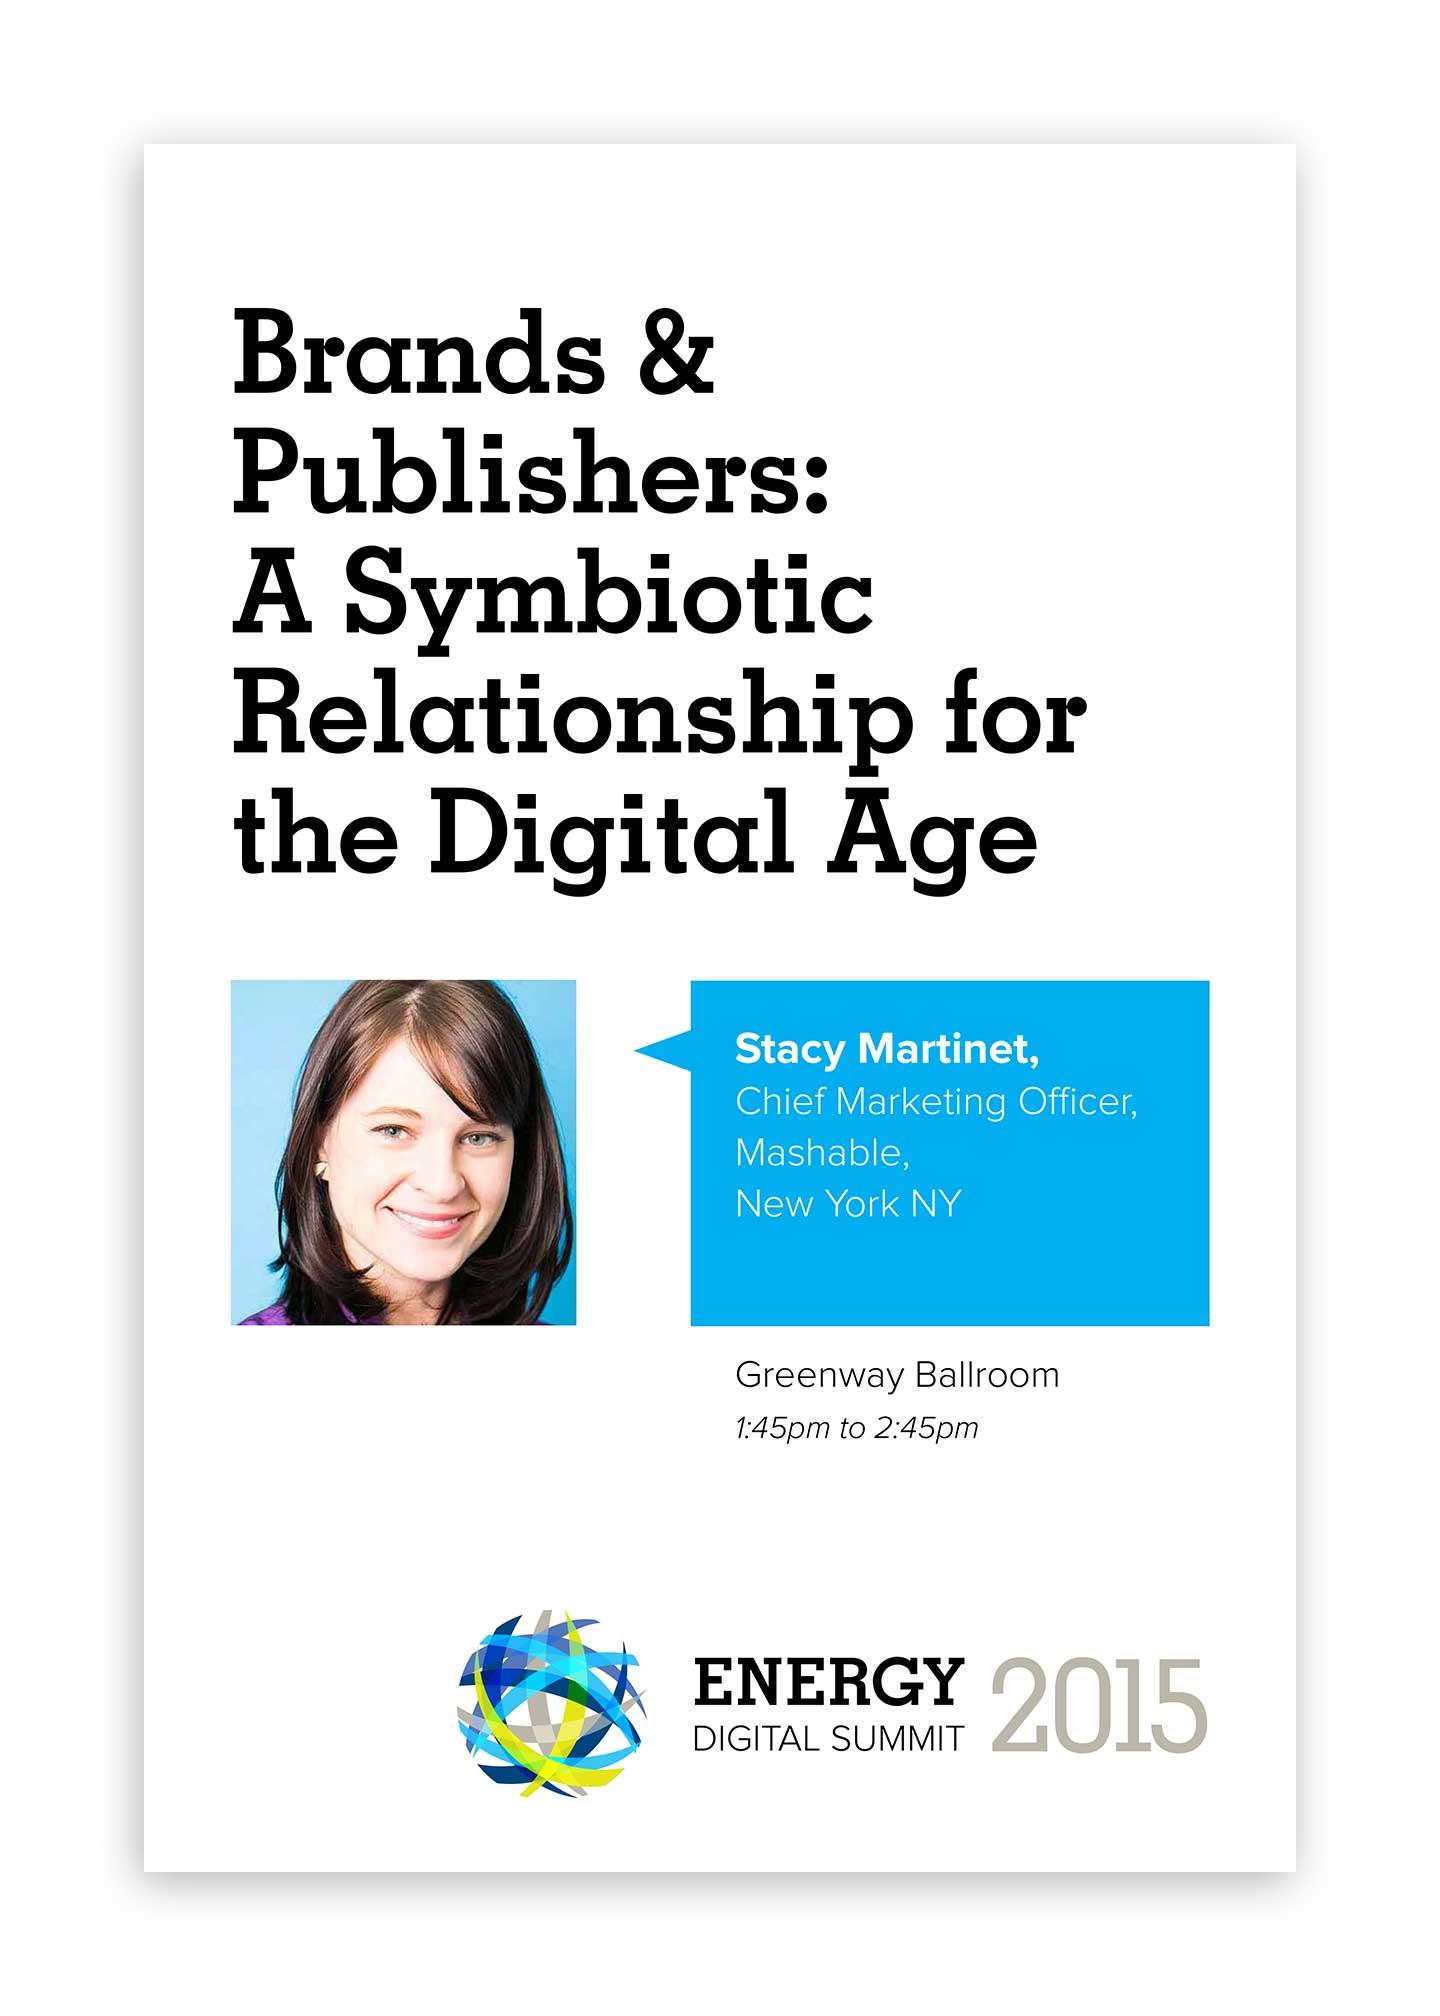 Energy Digital Summit branding speaker boards